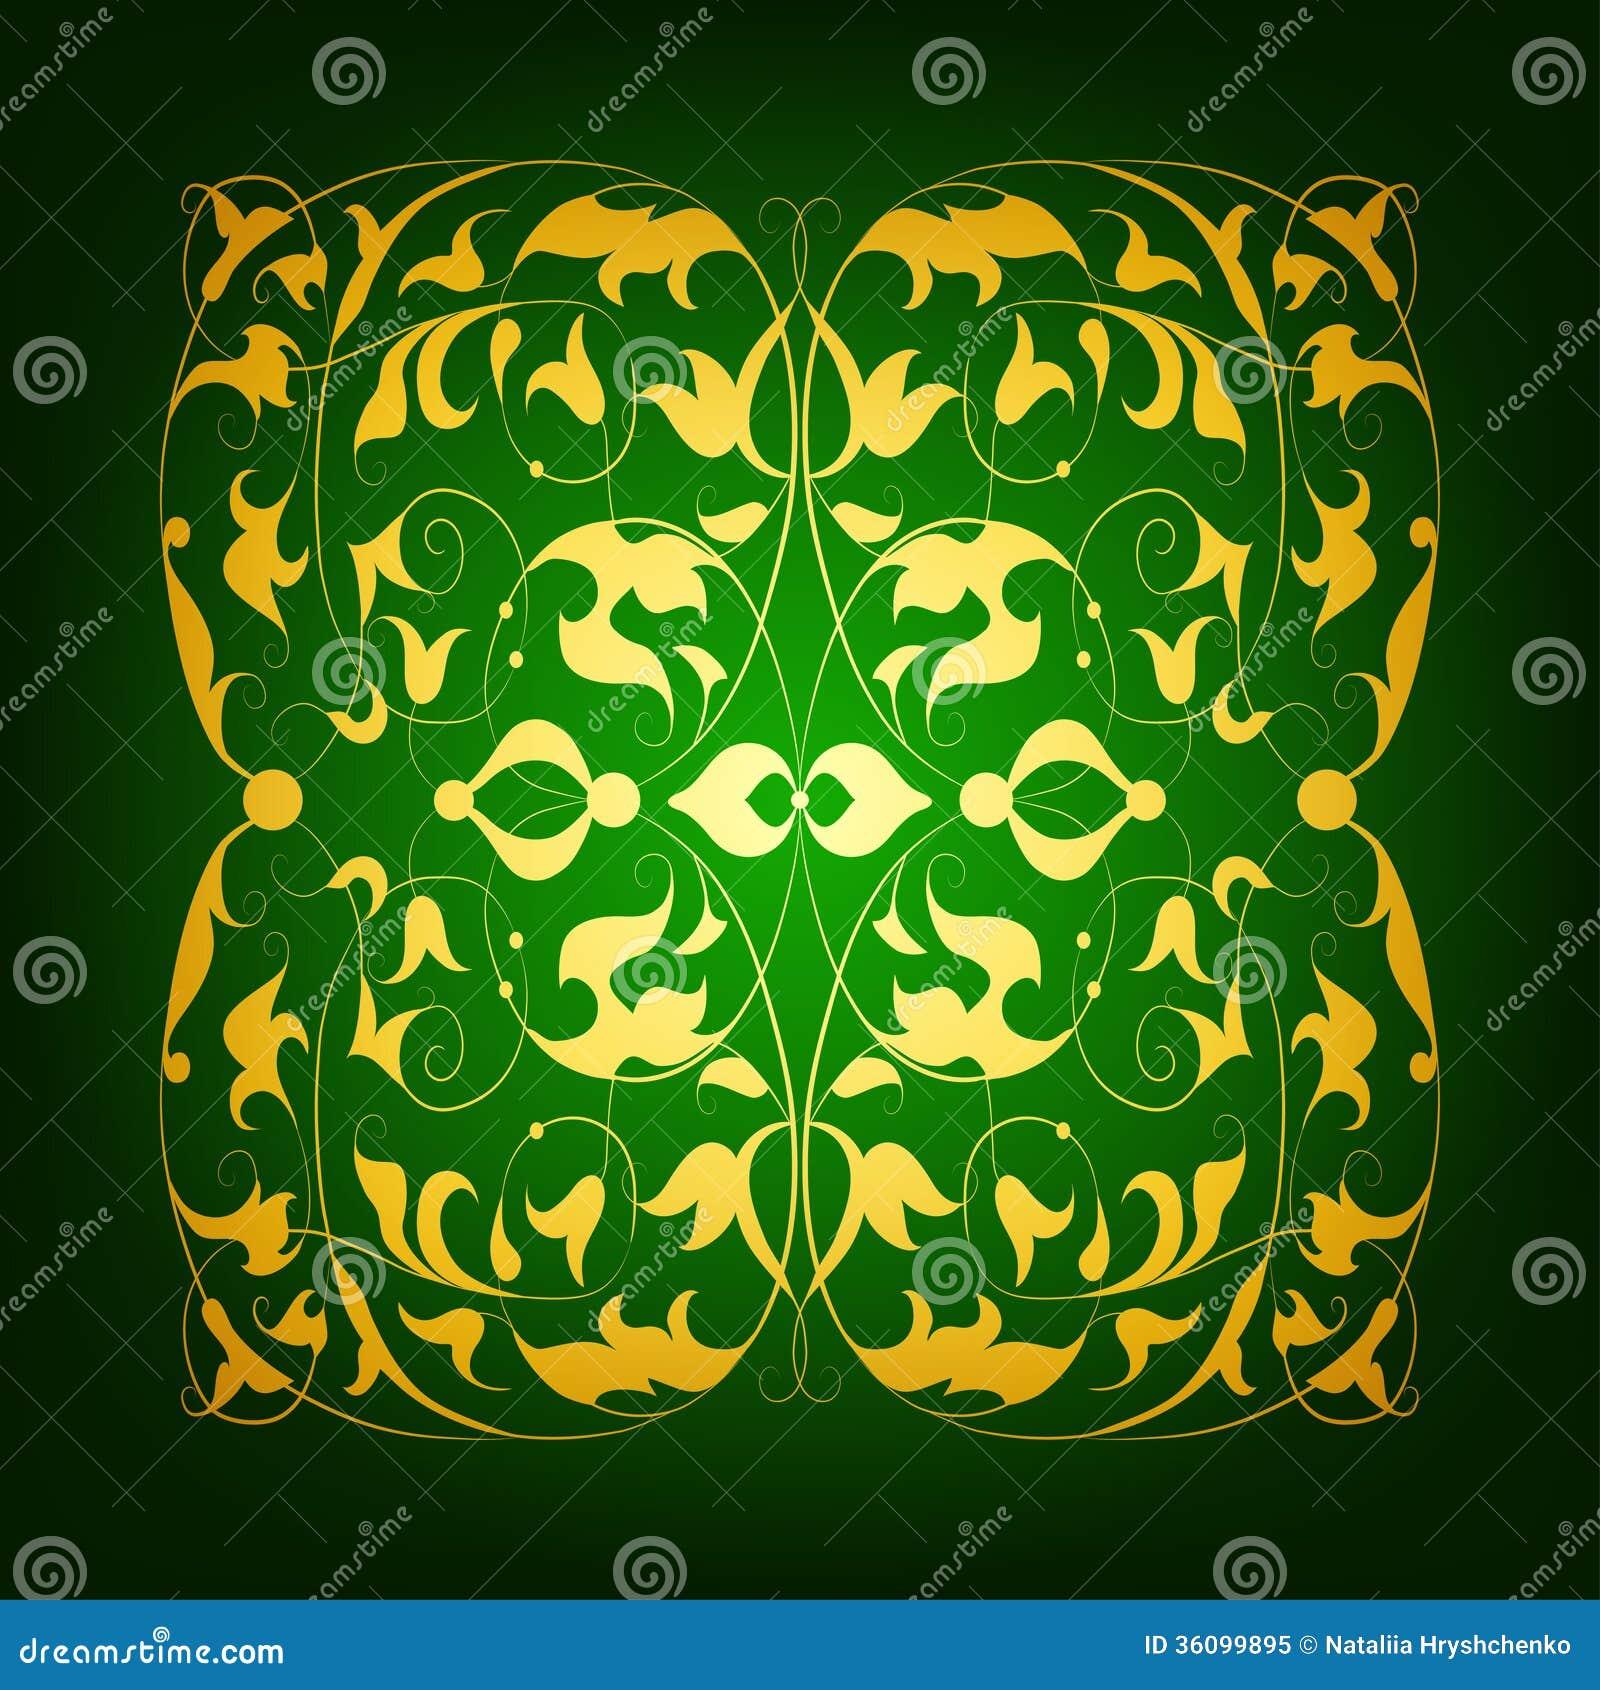 elegant filigree background with - photo #7